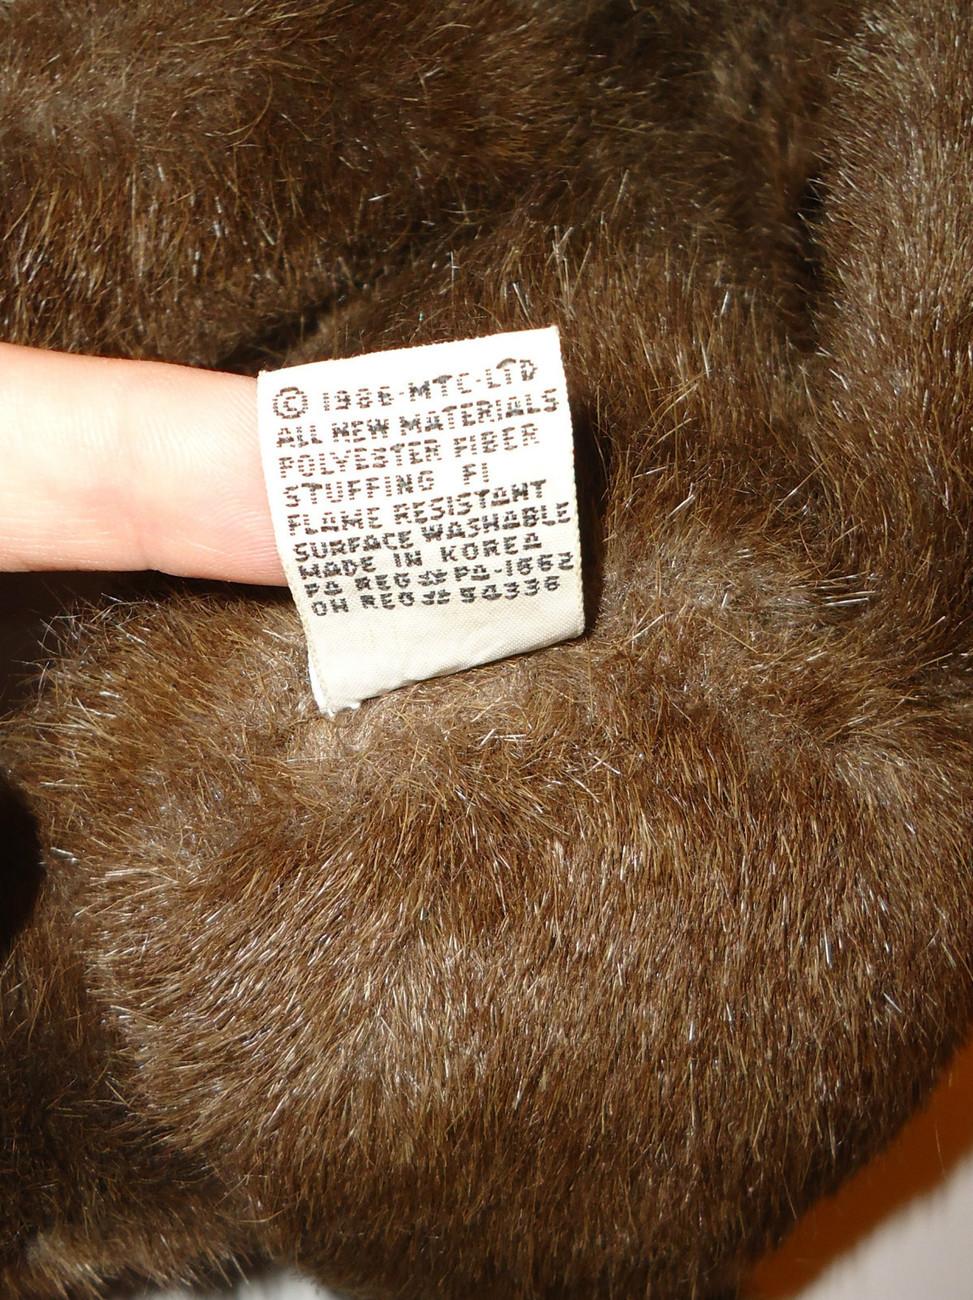 Manhattan Toy Dark Brown Puppy Dog Plush Stuffed Animal Toy VTG